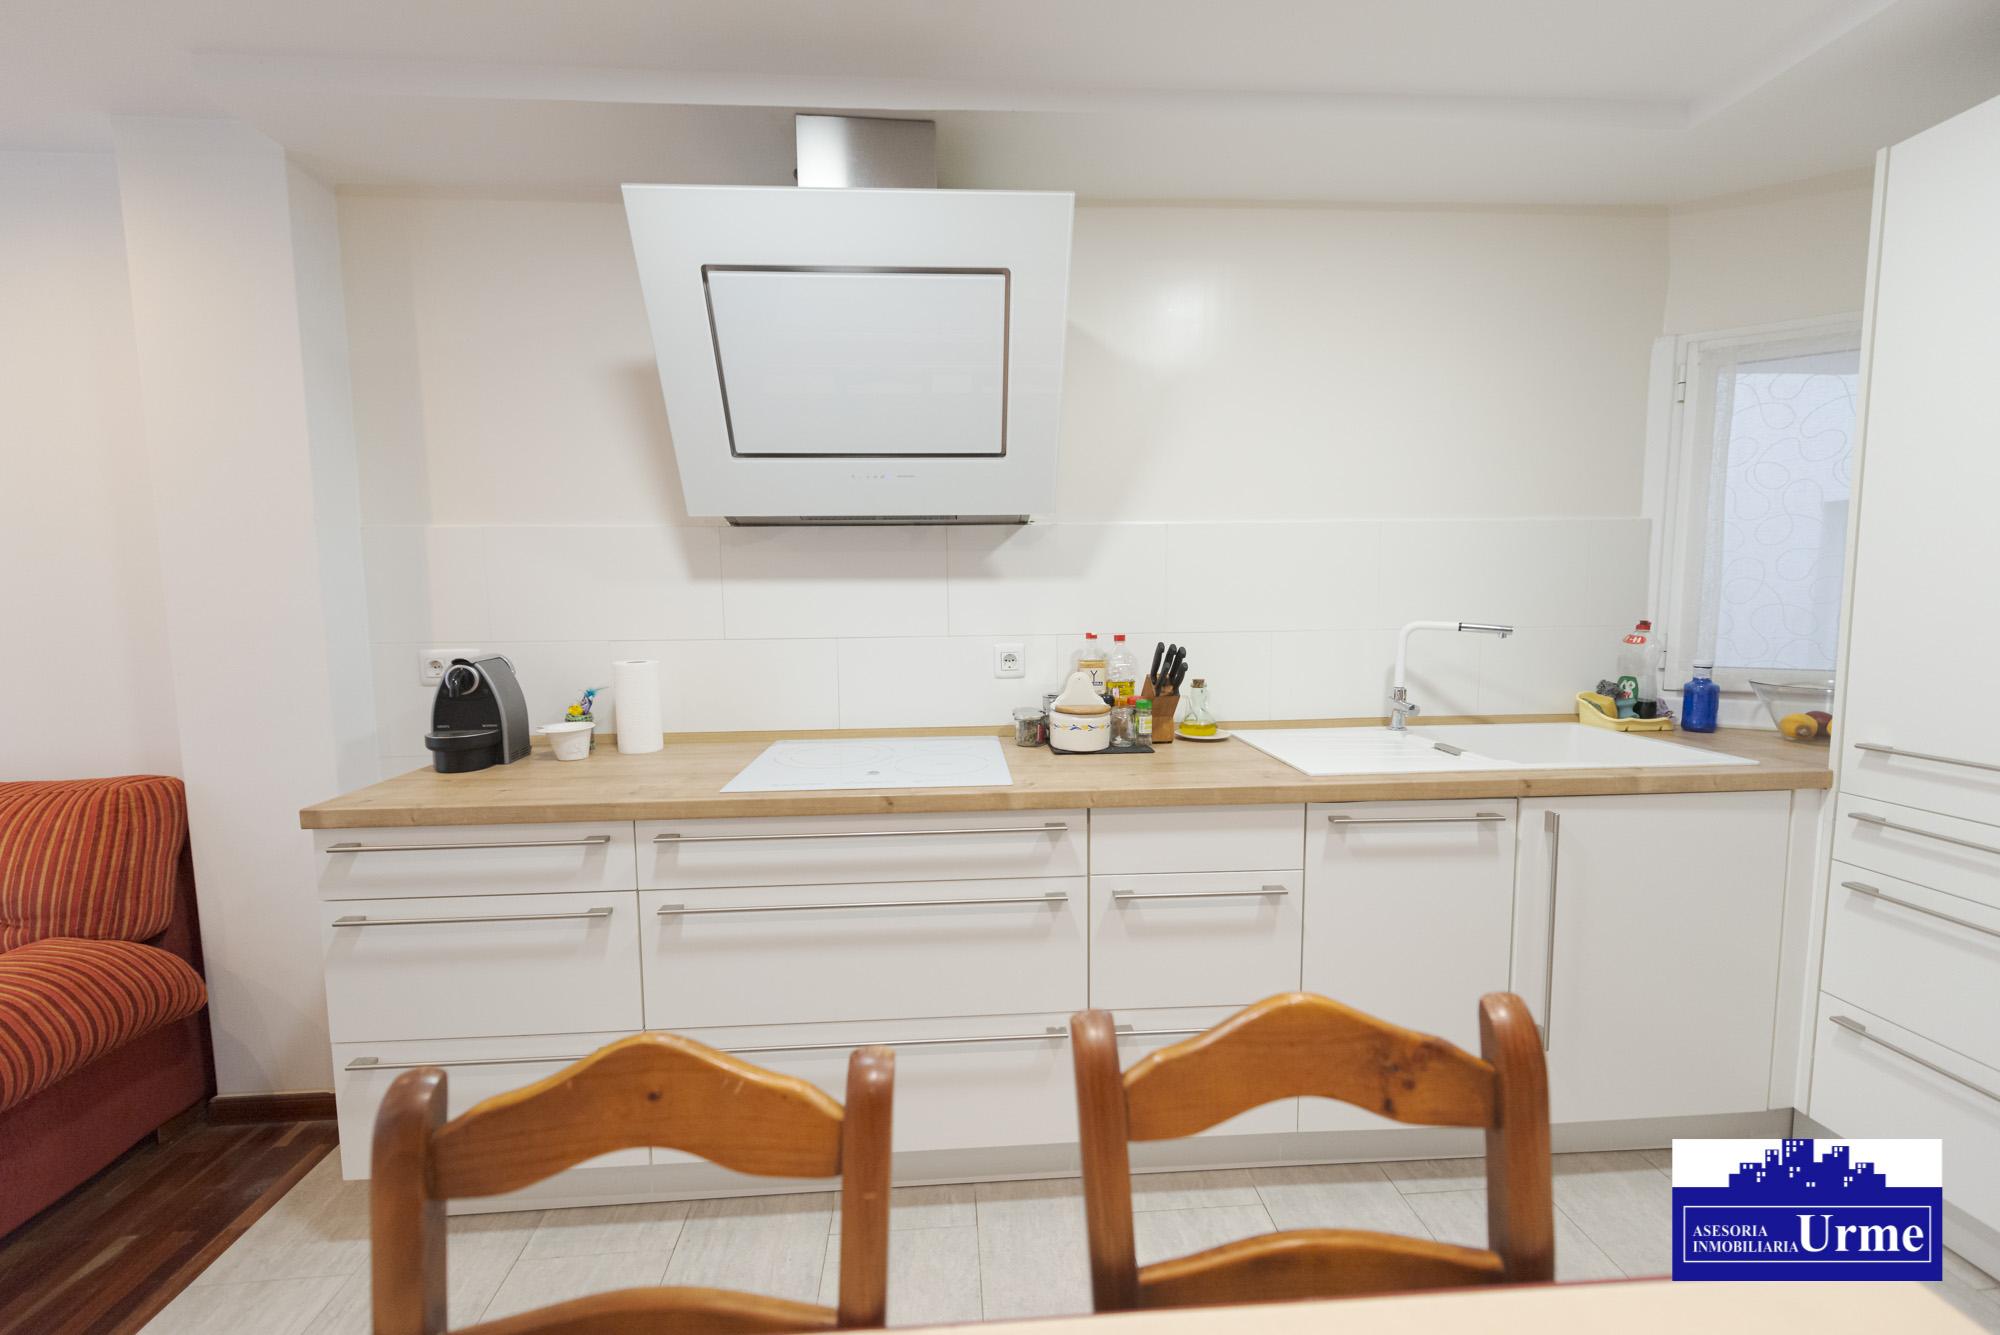 En Urdanibia,en el corazon de Irun,vivienda para entrar a vivir! 3 habitaciones, gran salon,cocina abierta tupi americana,baño completo+ aseo! Informate